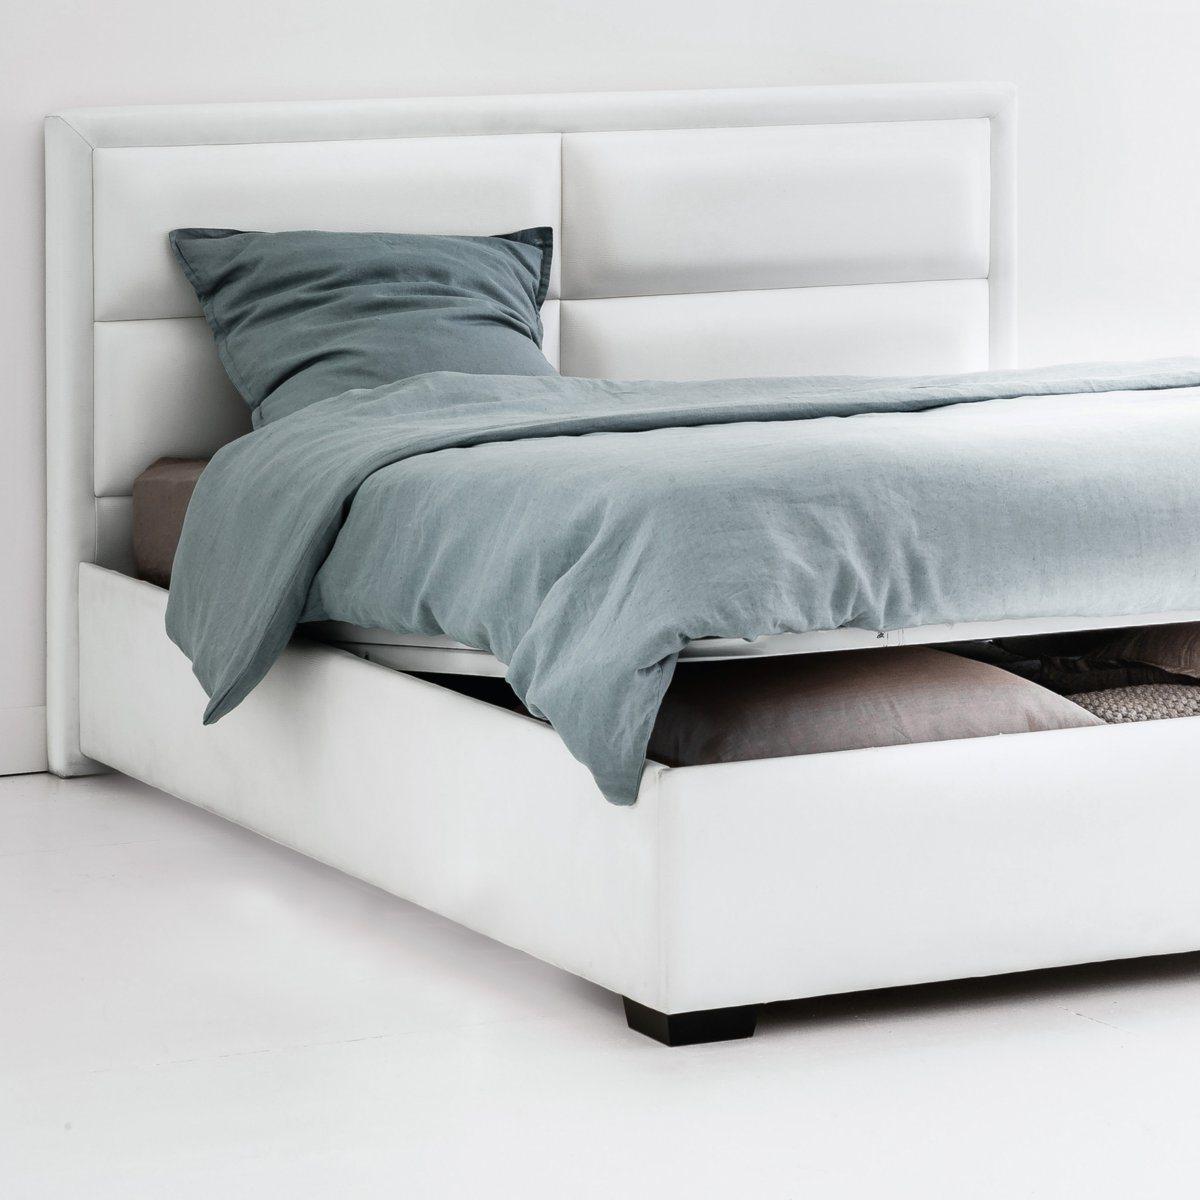 """Bett """"Blax"""" mit Kopfteil, Lattenrost und Bettkasten"""